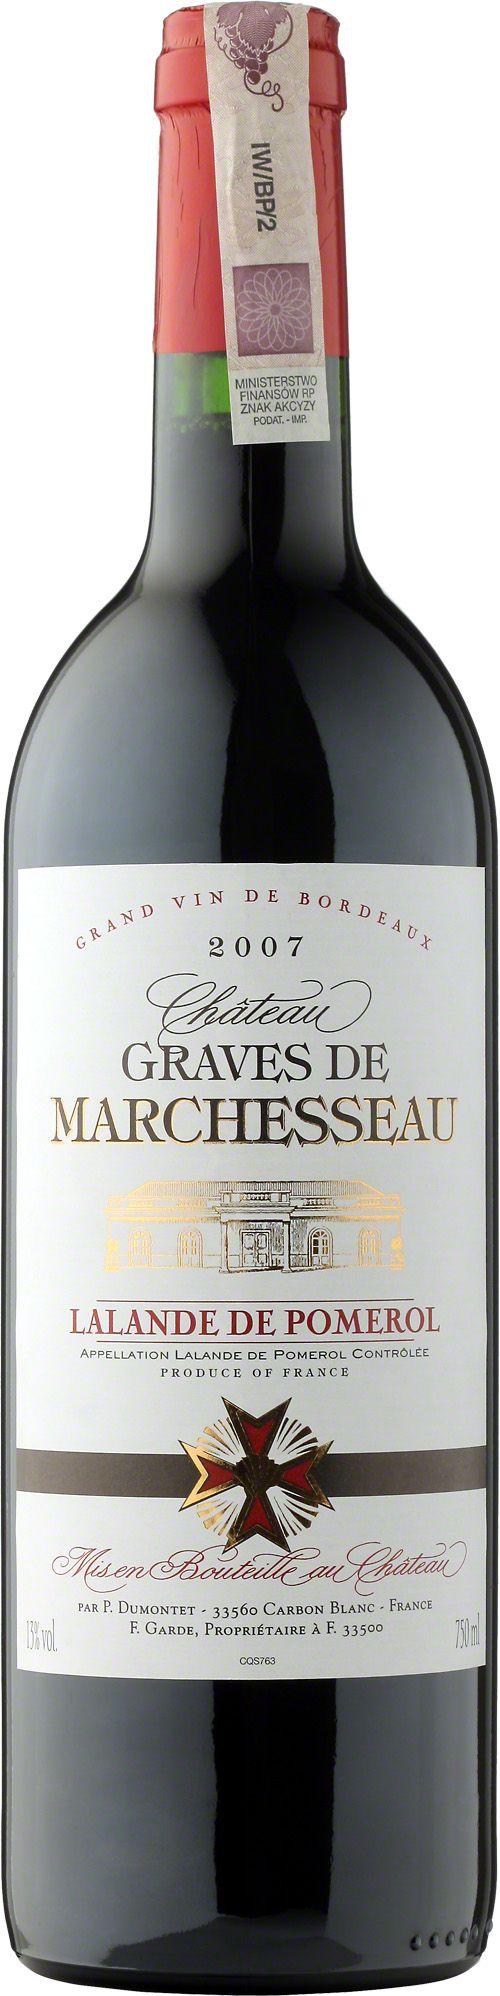 Chateau Graves de Marchesseau Lalande de Pomerol A.O.C. Kompleksowość dojrzałych owoców, konfitury, delikatne taniny i zaznaczona beczka. Na finiszu okrągłe z przyjemną końcówką długo pozostającą w ustach. #Bordeaux #Wino #Winezja #Pomerol #Chateau